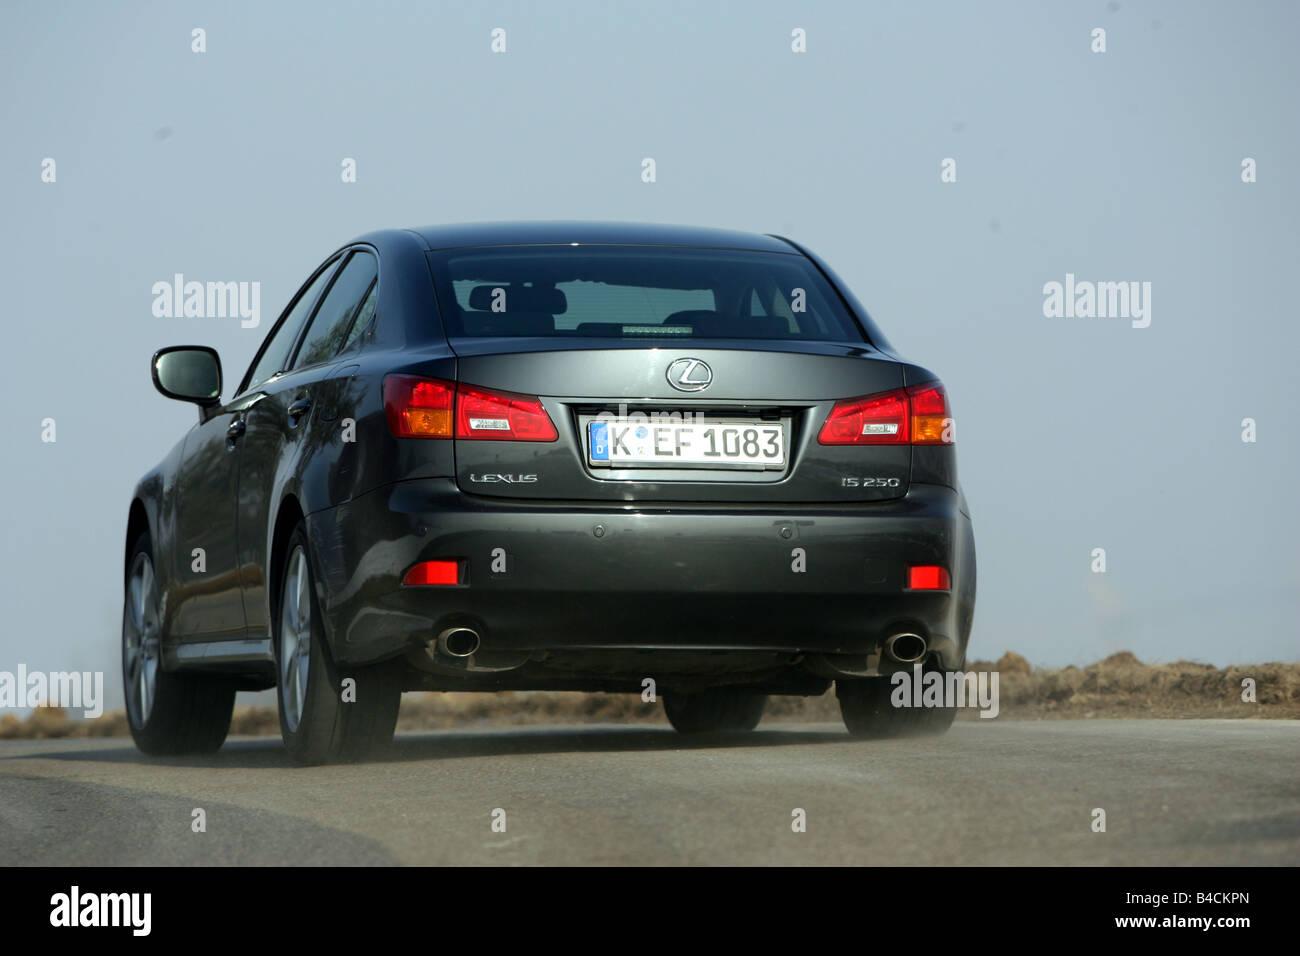 Lexus IS 250, Modelo Ano 2005 , Preto, Condução Na Diagonal A Partir Da  Parte De Trás, Vista Traseira, País Road